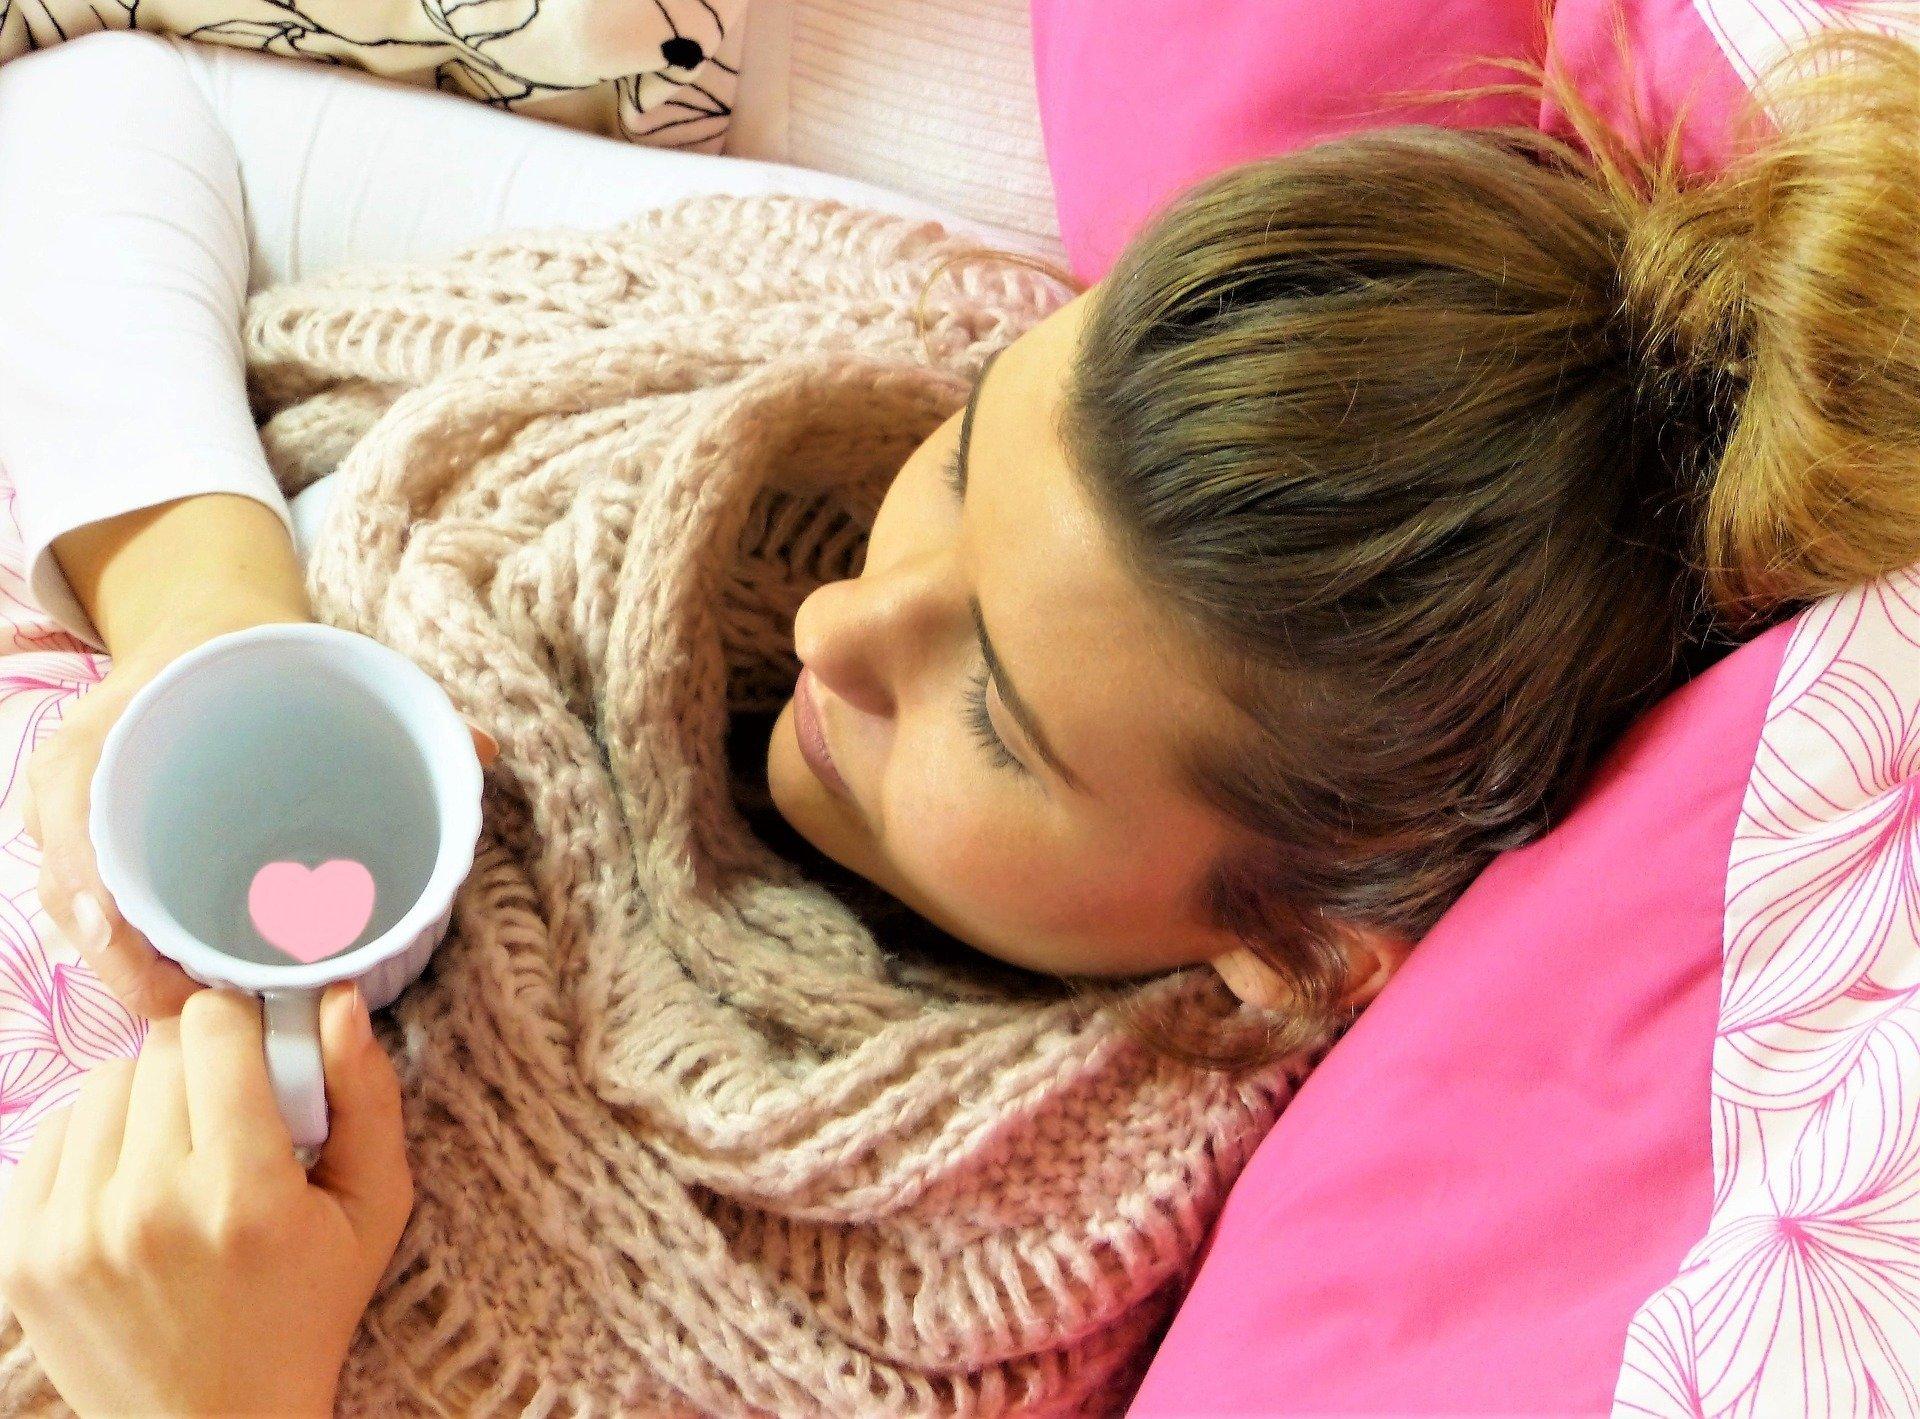 Mujer con síntomas de gripe. Fuente: Pixabay